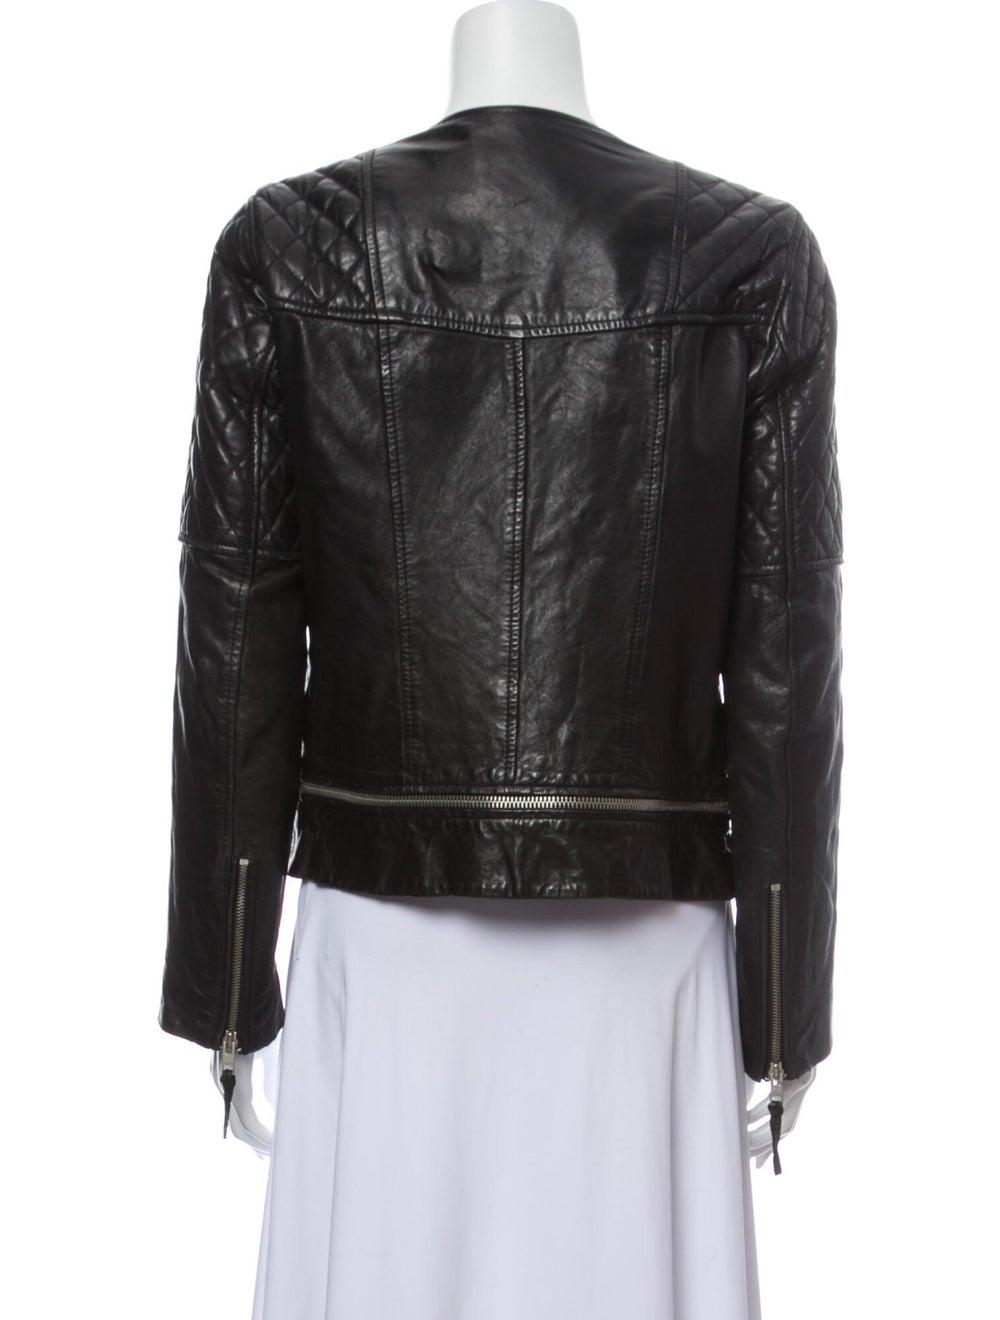 AllSaints Leather Biker Jacket Black - image 3